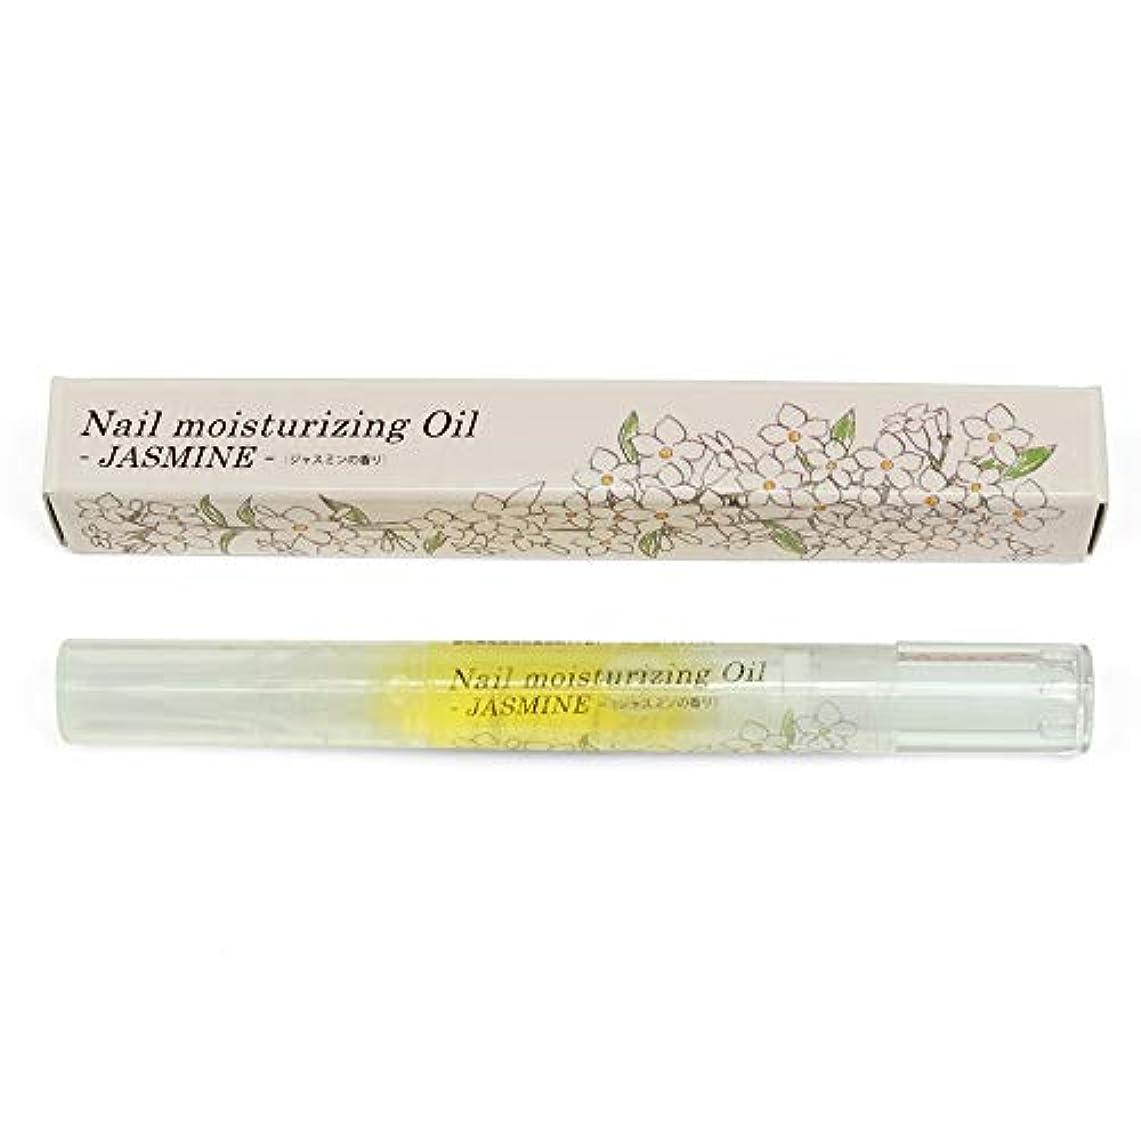 統合最大偉業ease Nail moisturizing Oil ネイルオイルペン(ジャスミンの香り) 2ml